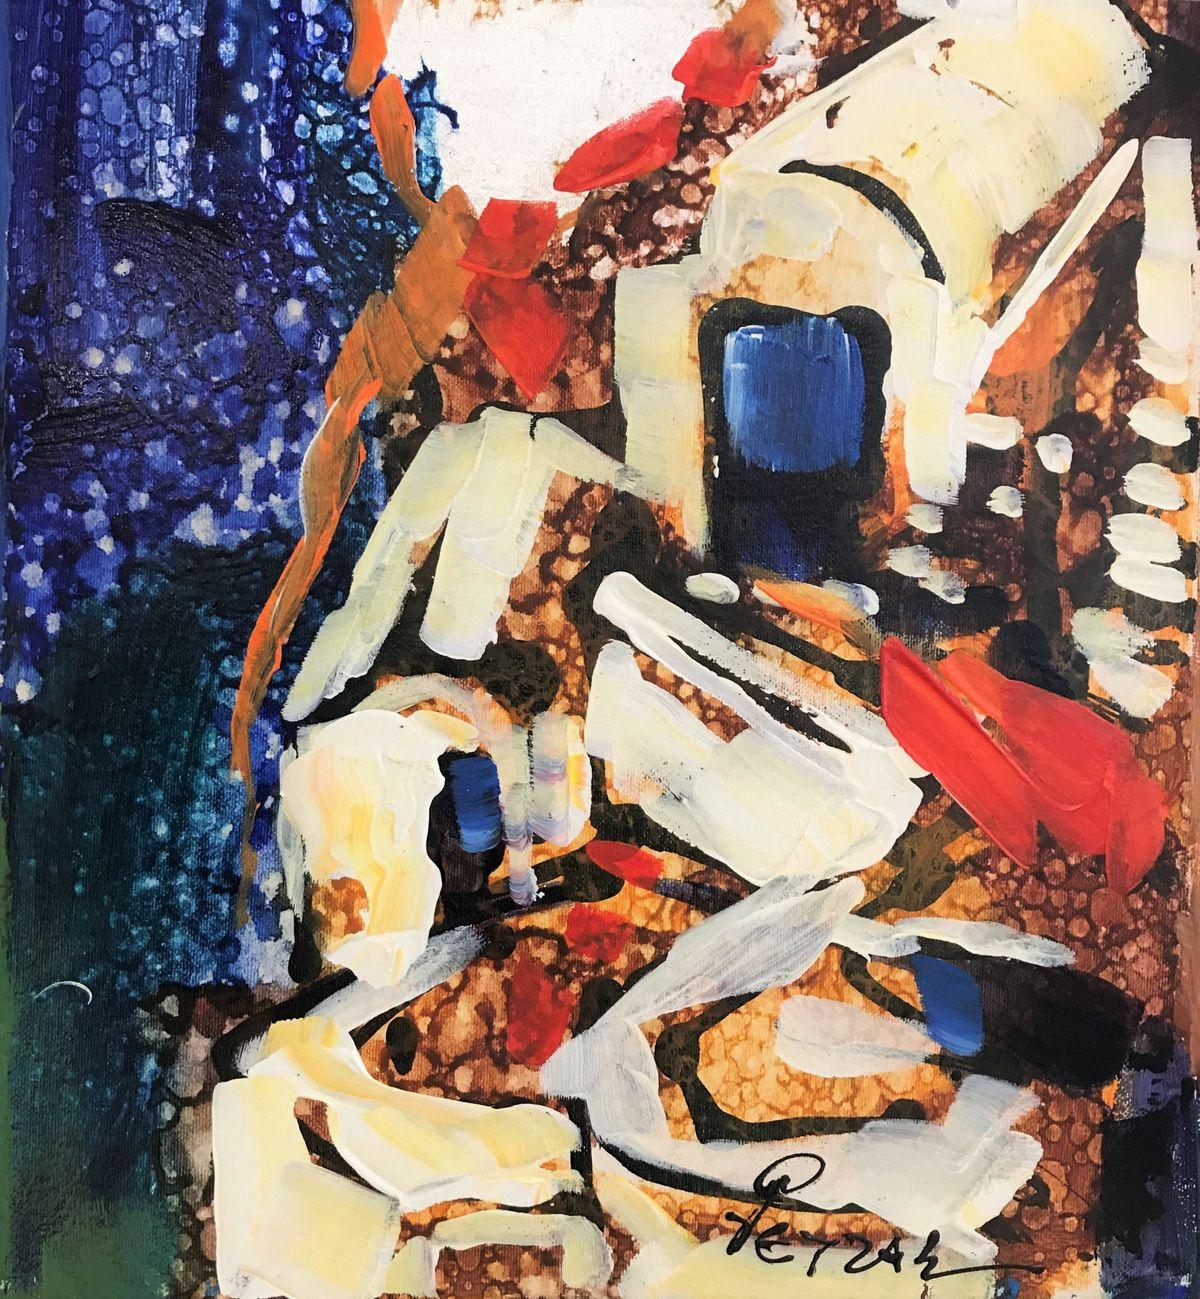 Ρέντης Ρετζάς 30×33 εκ. Ακρυλικά σε καμβά Redis Retzas 30×33 cm Acrylics on canvas